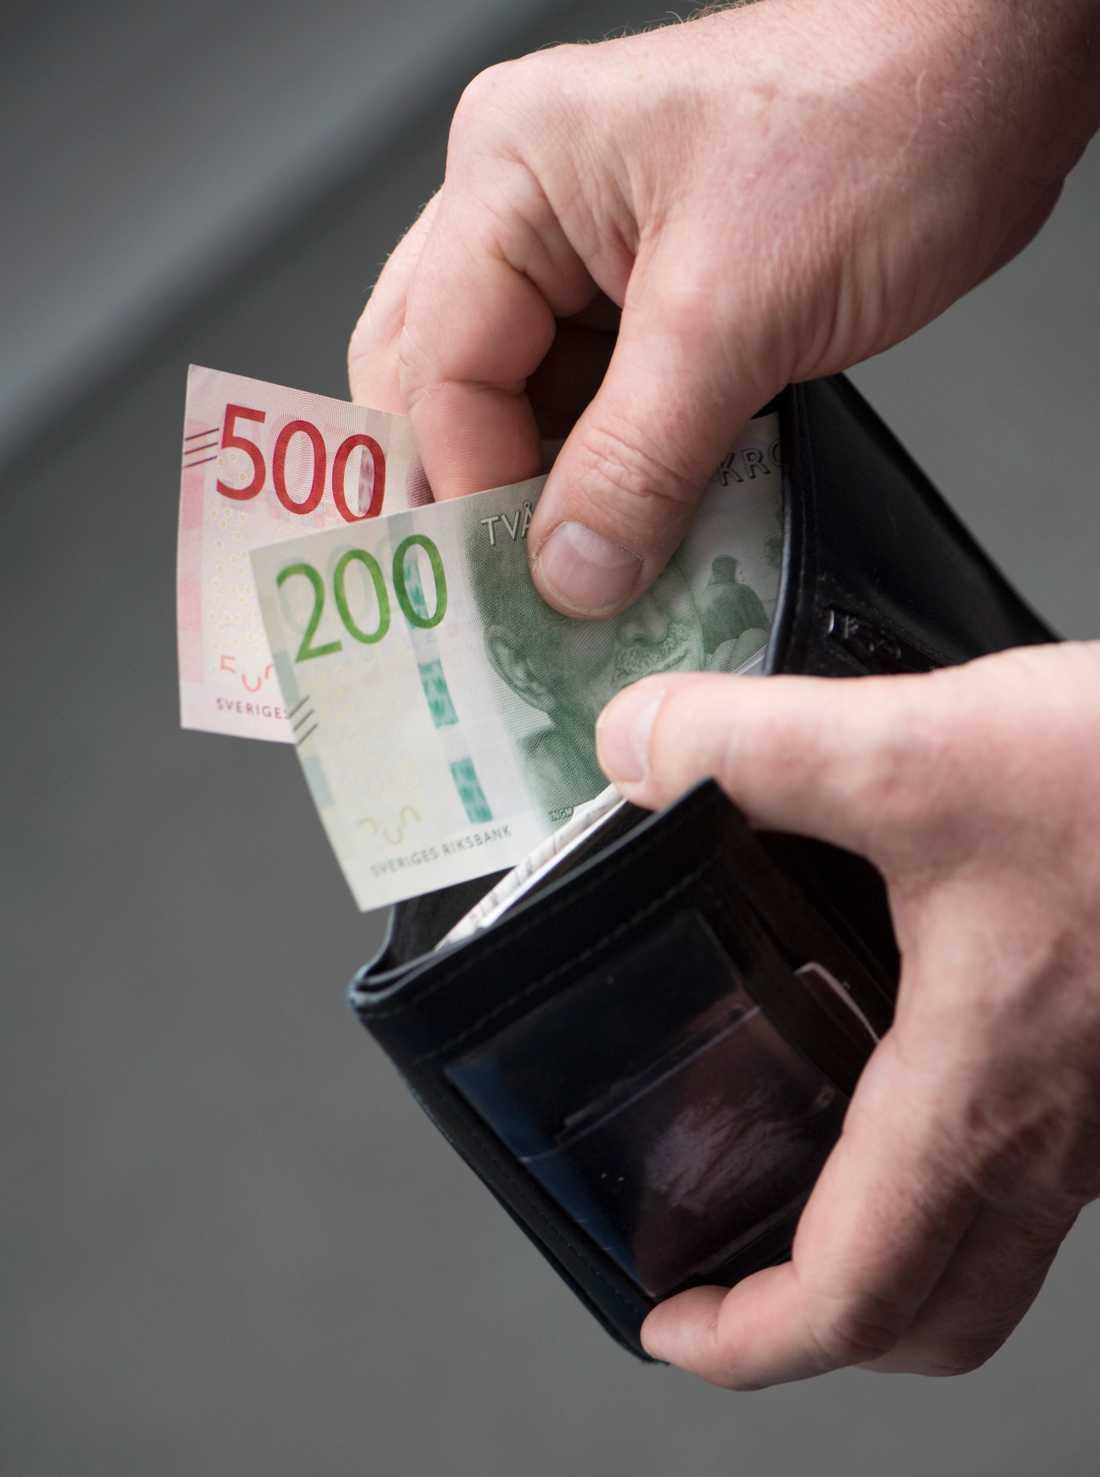 För den enskilde handar det om 1600 kronor mer i plånboken varje år.